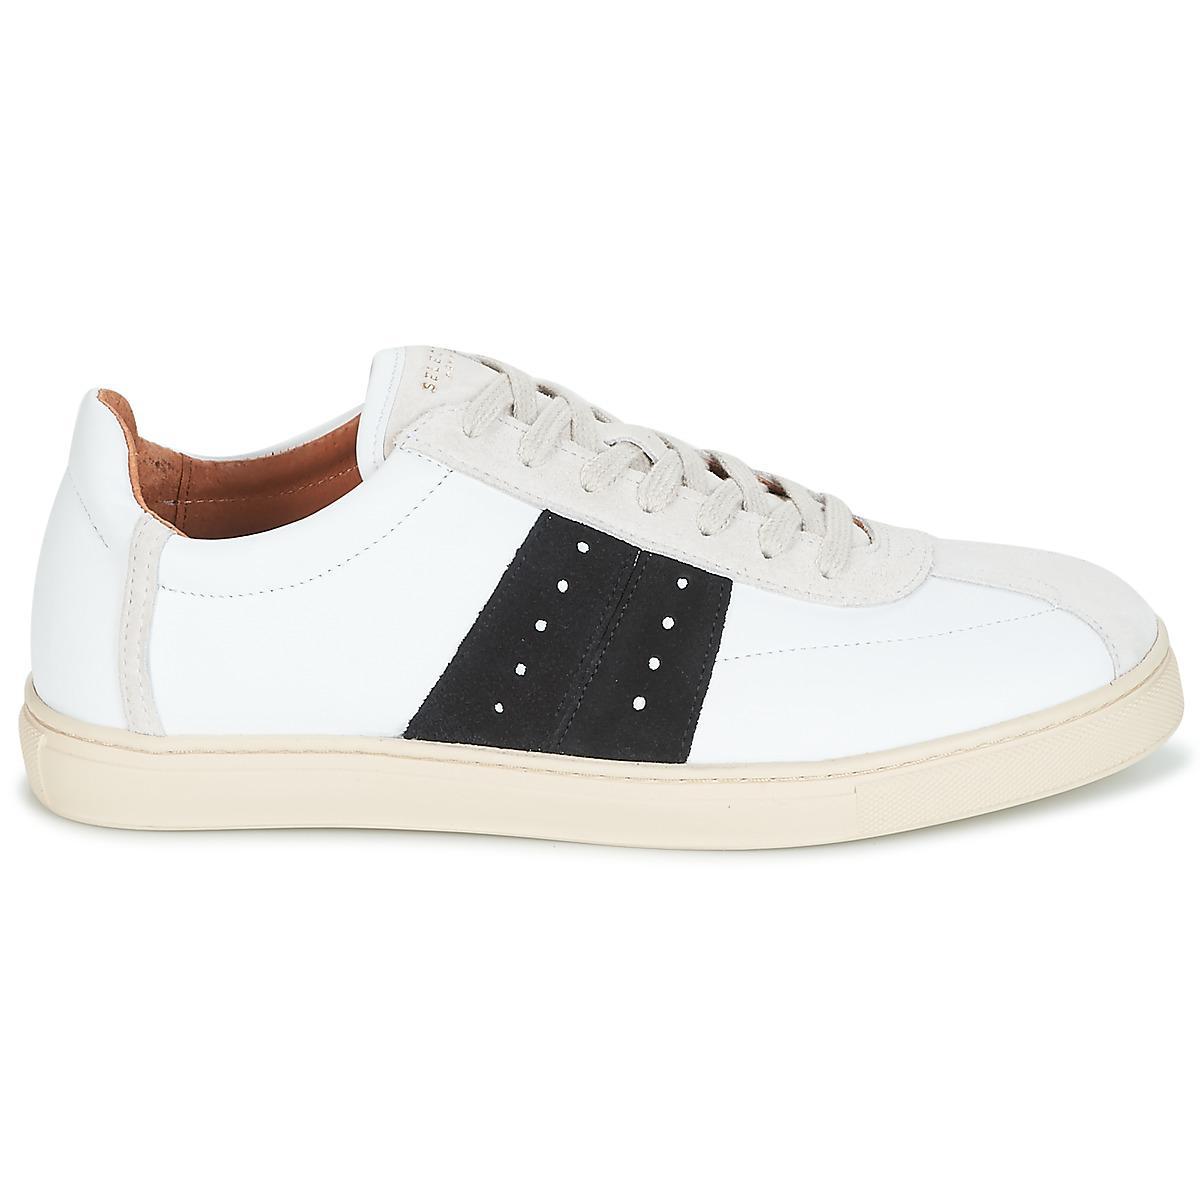 SHNDURAN NEW MIX - Sneaker low - dark navy Die Kostenlose Versand Hochwertiger 04qSTcmxXL